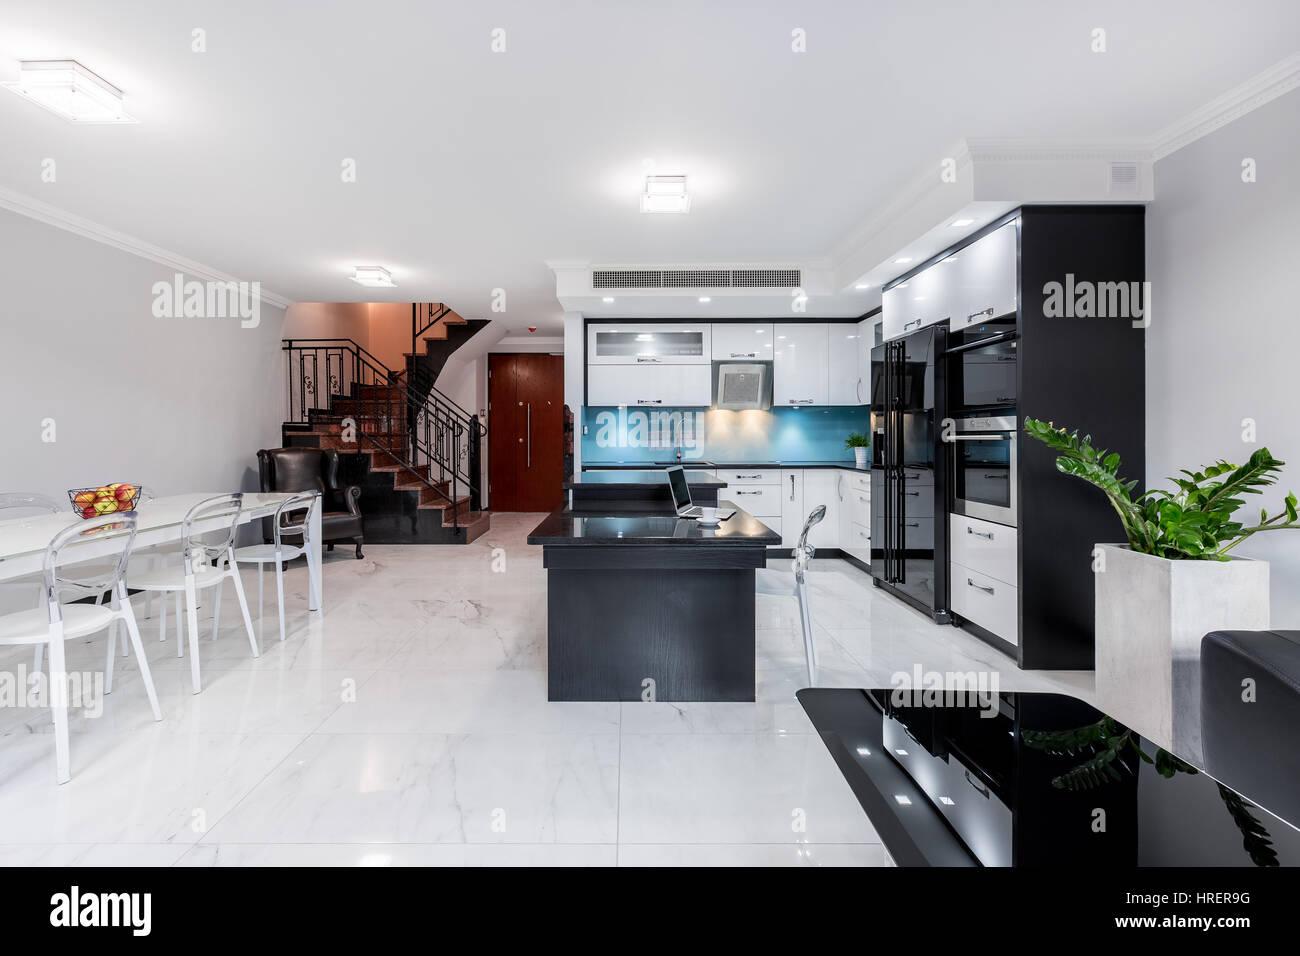 Moderne und funktionale Wohnzimmer Interieur mit offener Küche und ...